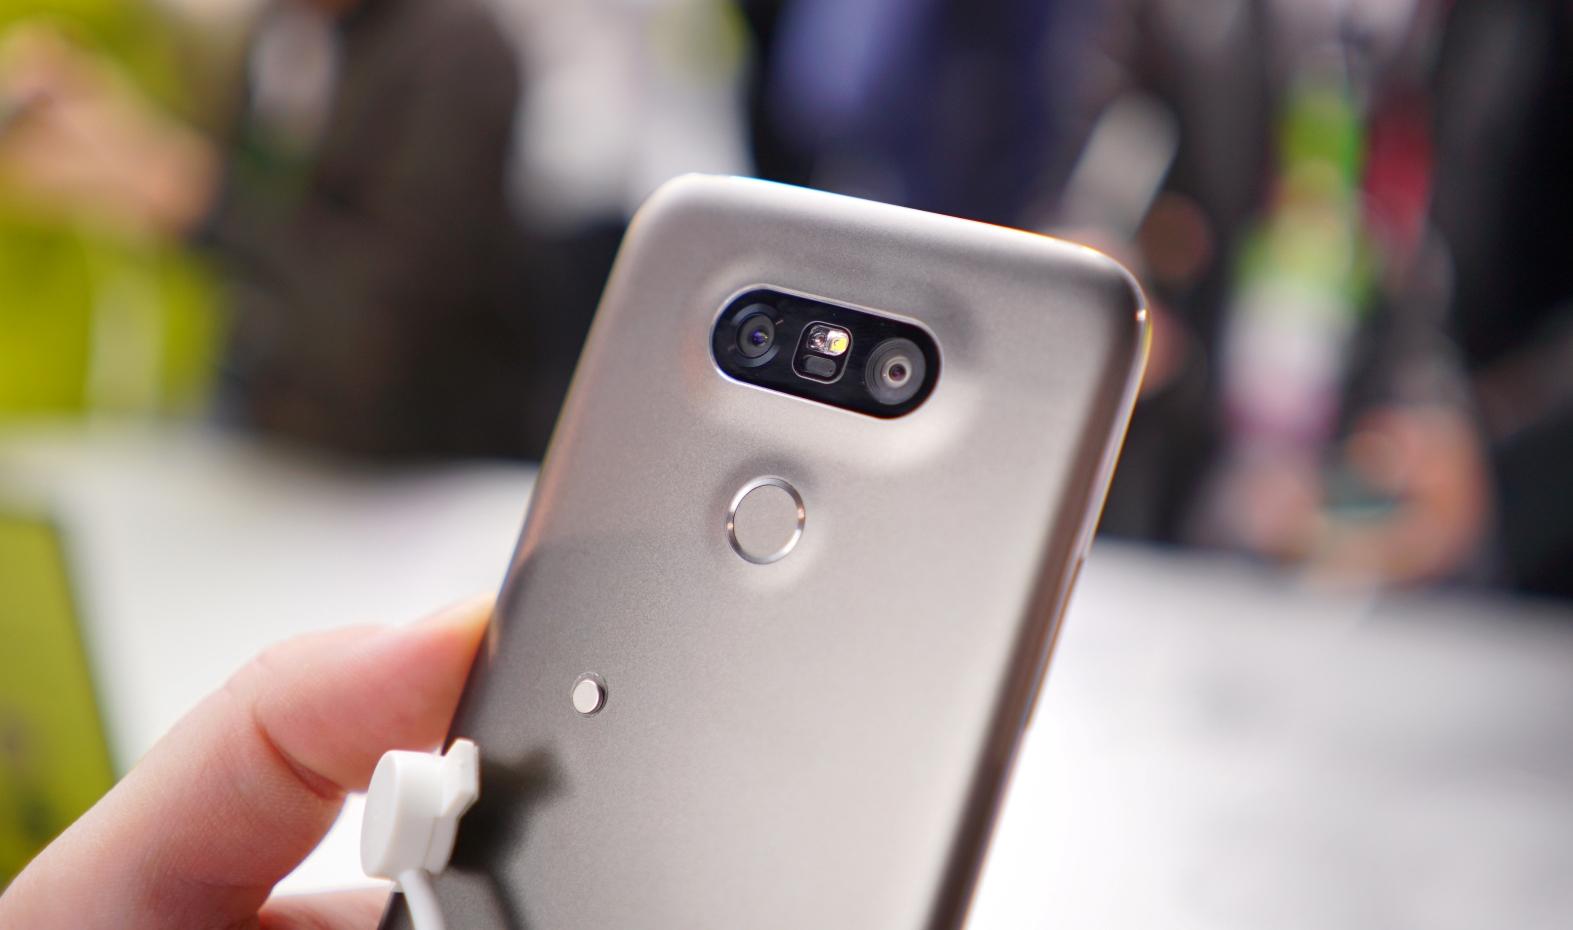 LG-G5-camera_1